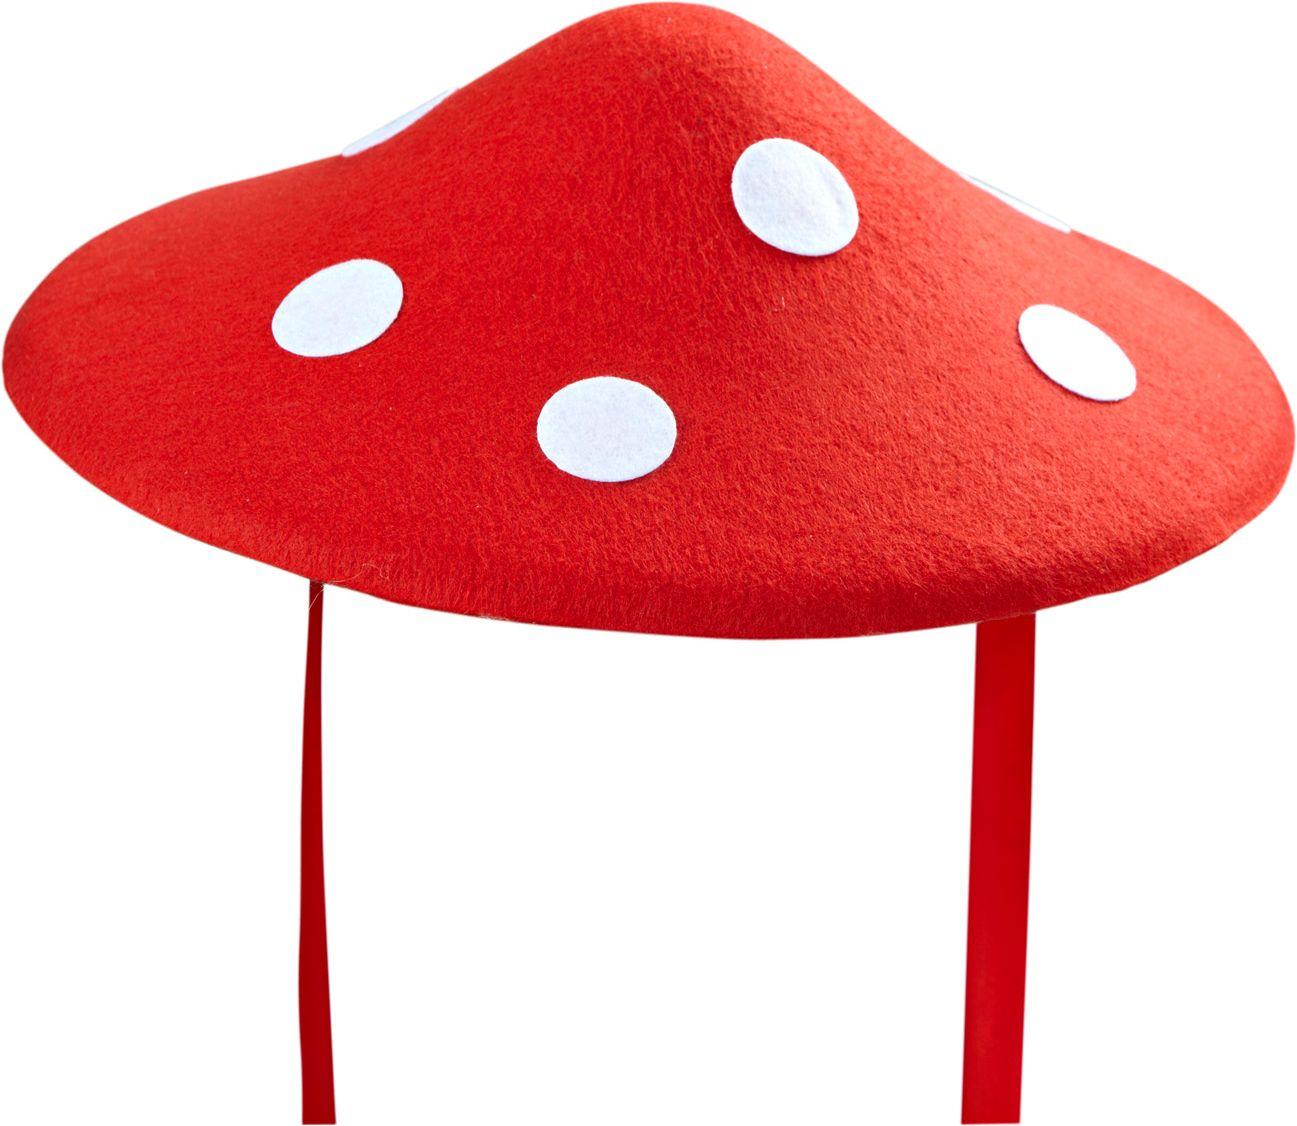 Rode paddenstoelen hoed